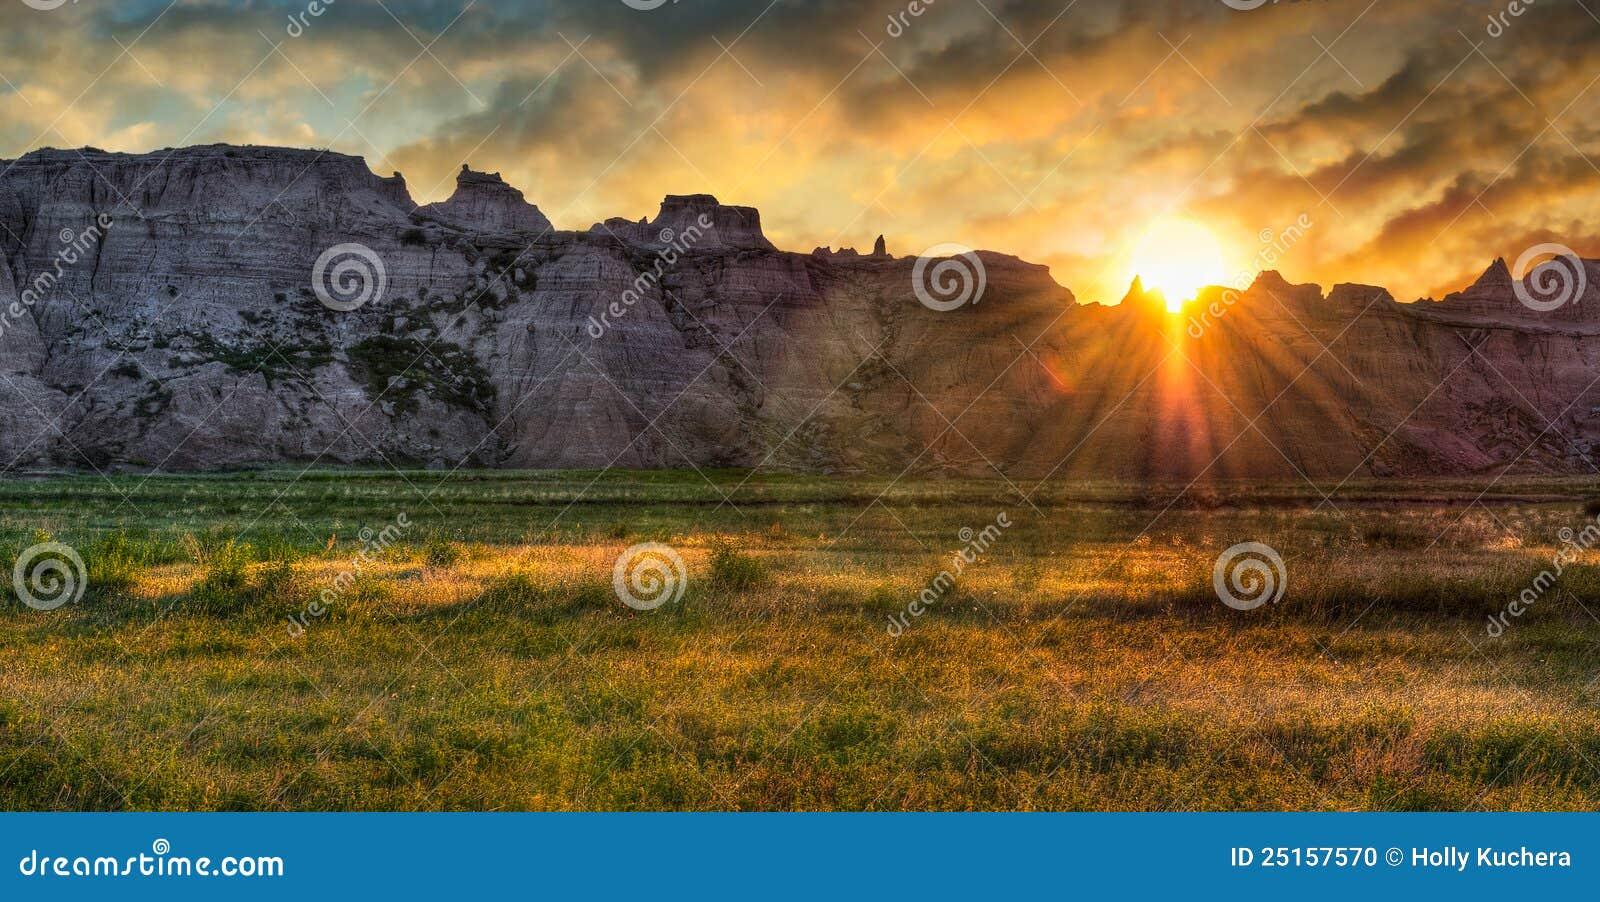 Badlands prerii wschód słońca